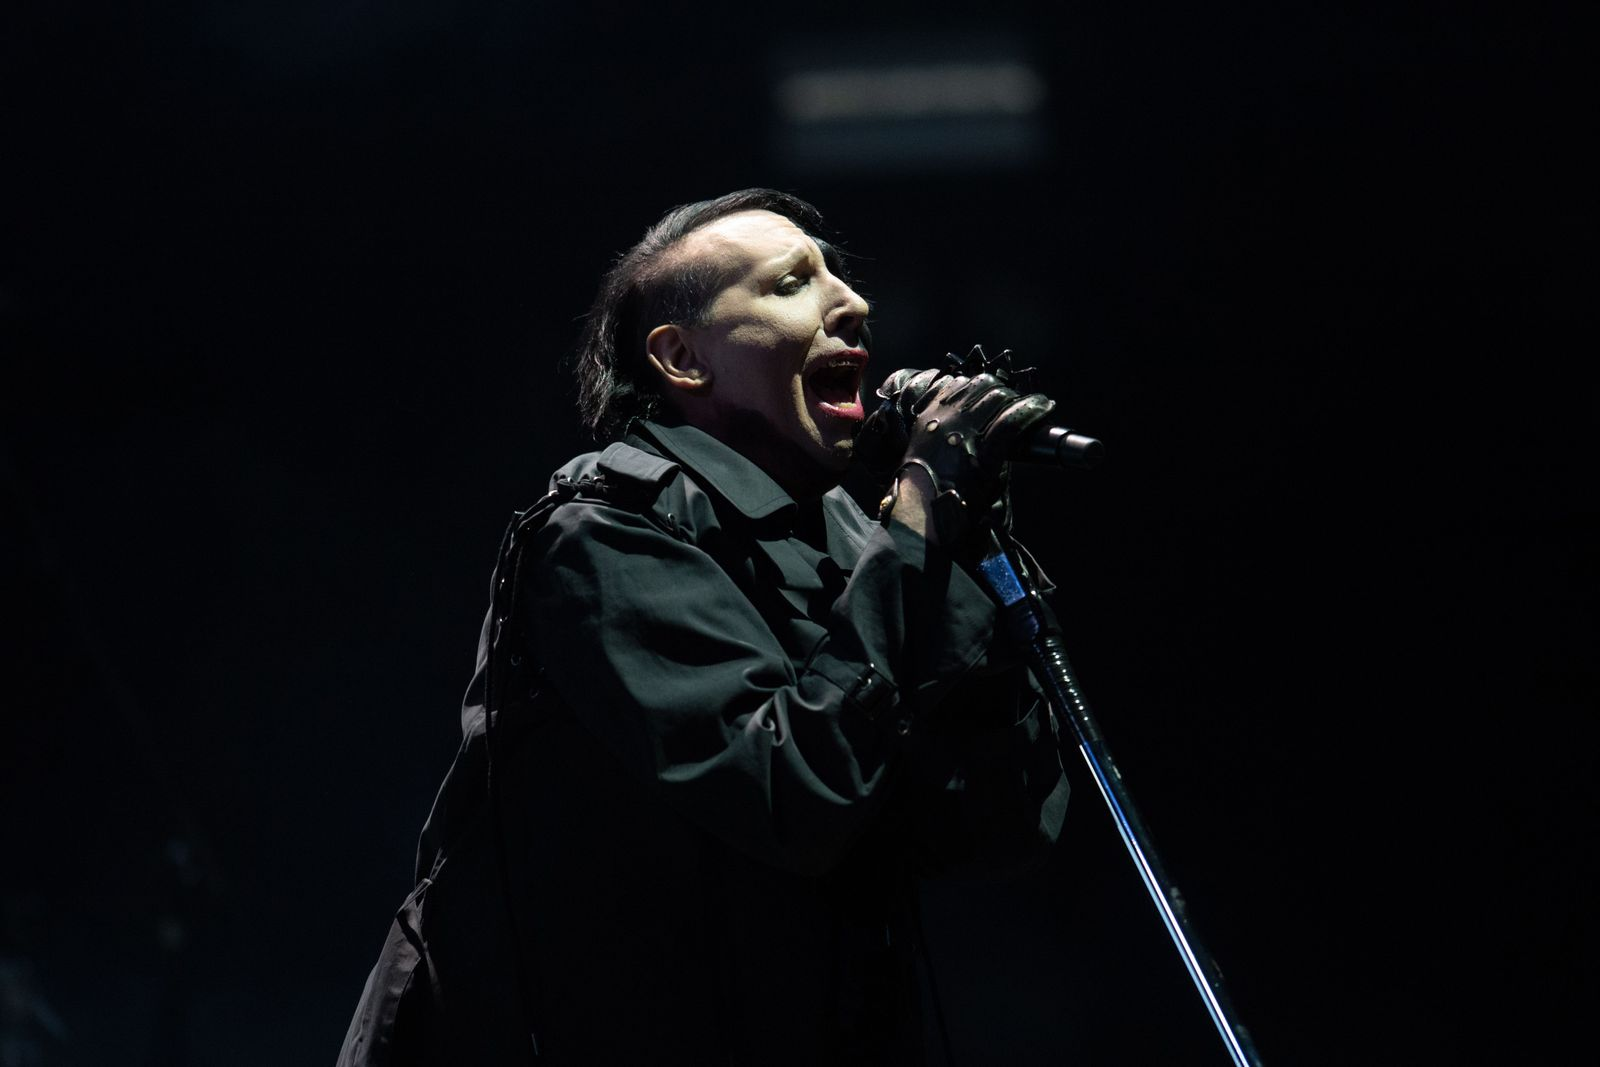 Artist accuses Marilyn Manson of abuse, Nuremberg, Germany - 02 Jun 2018